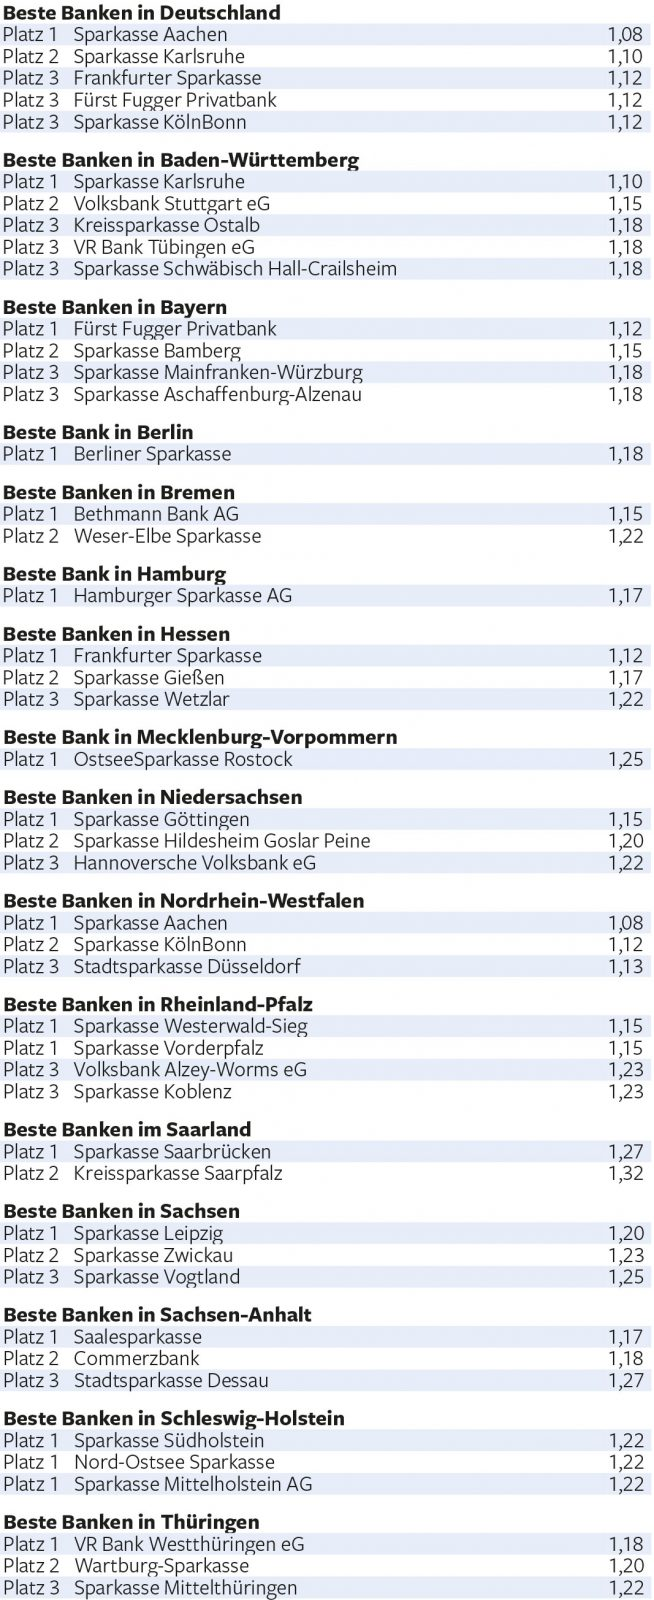 Beste-Banken-fuer-Private-Banking-Vermoegensberatung-2018